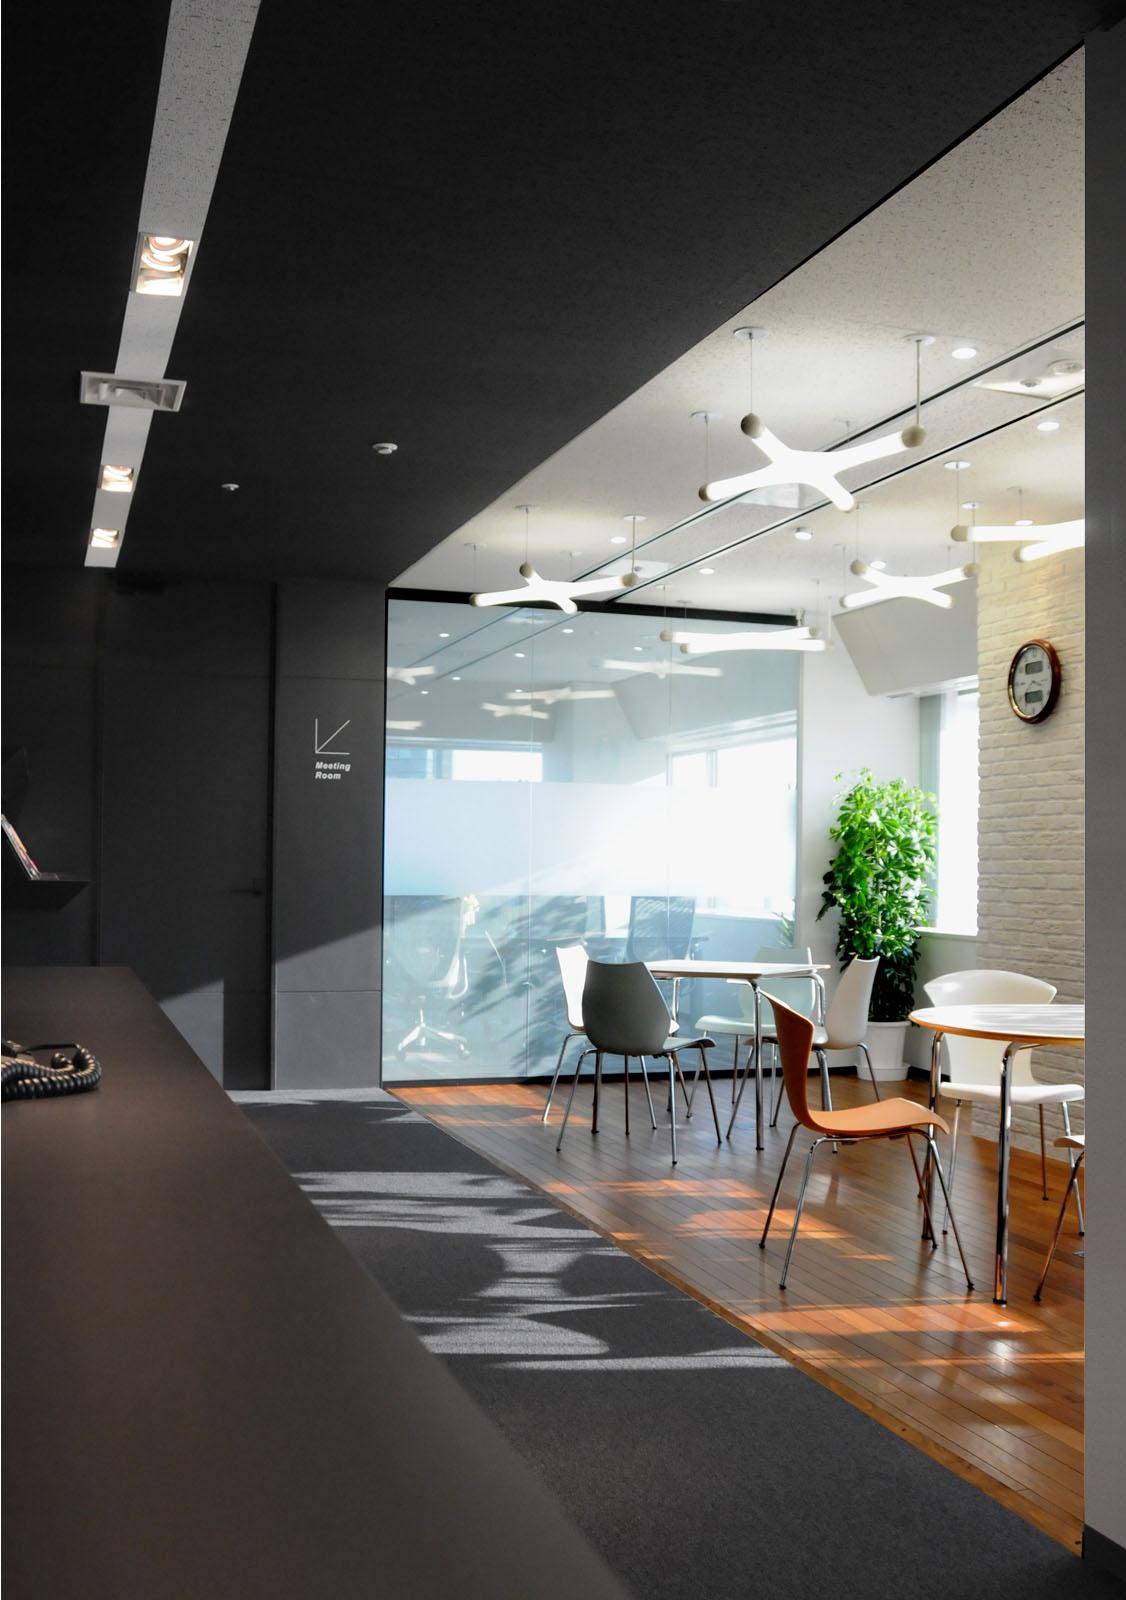 03株式会社ビジュアル・プロセッシング・ジャパン Tokyo Head Office